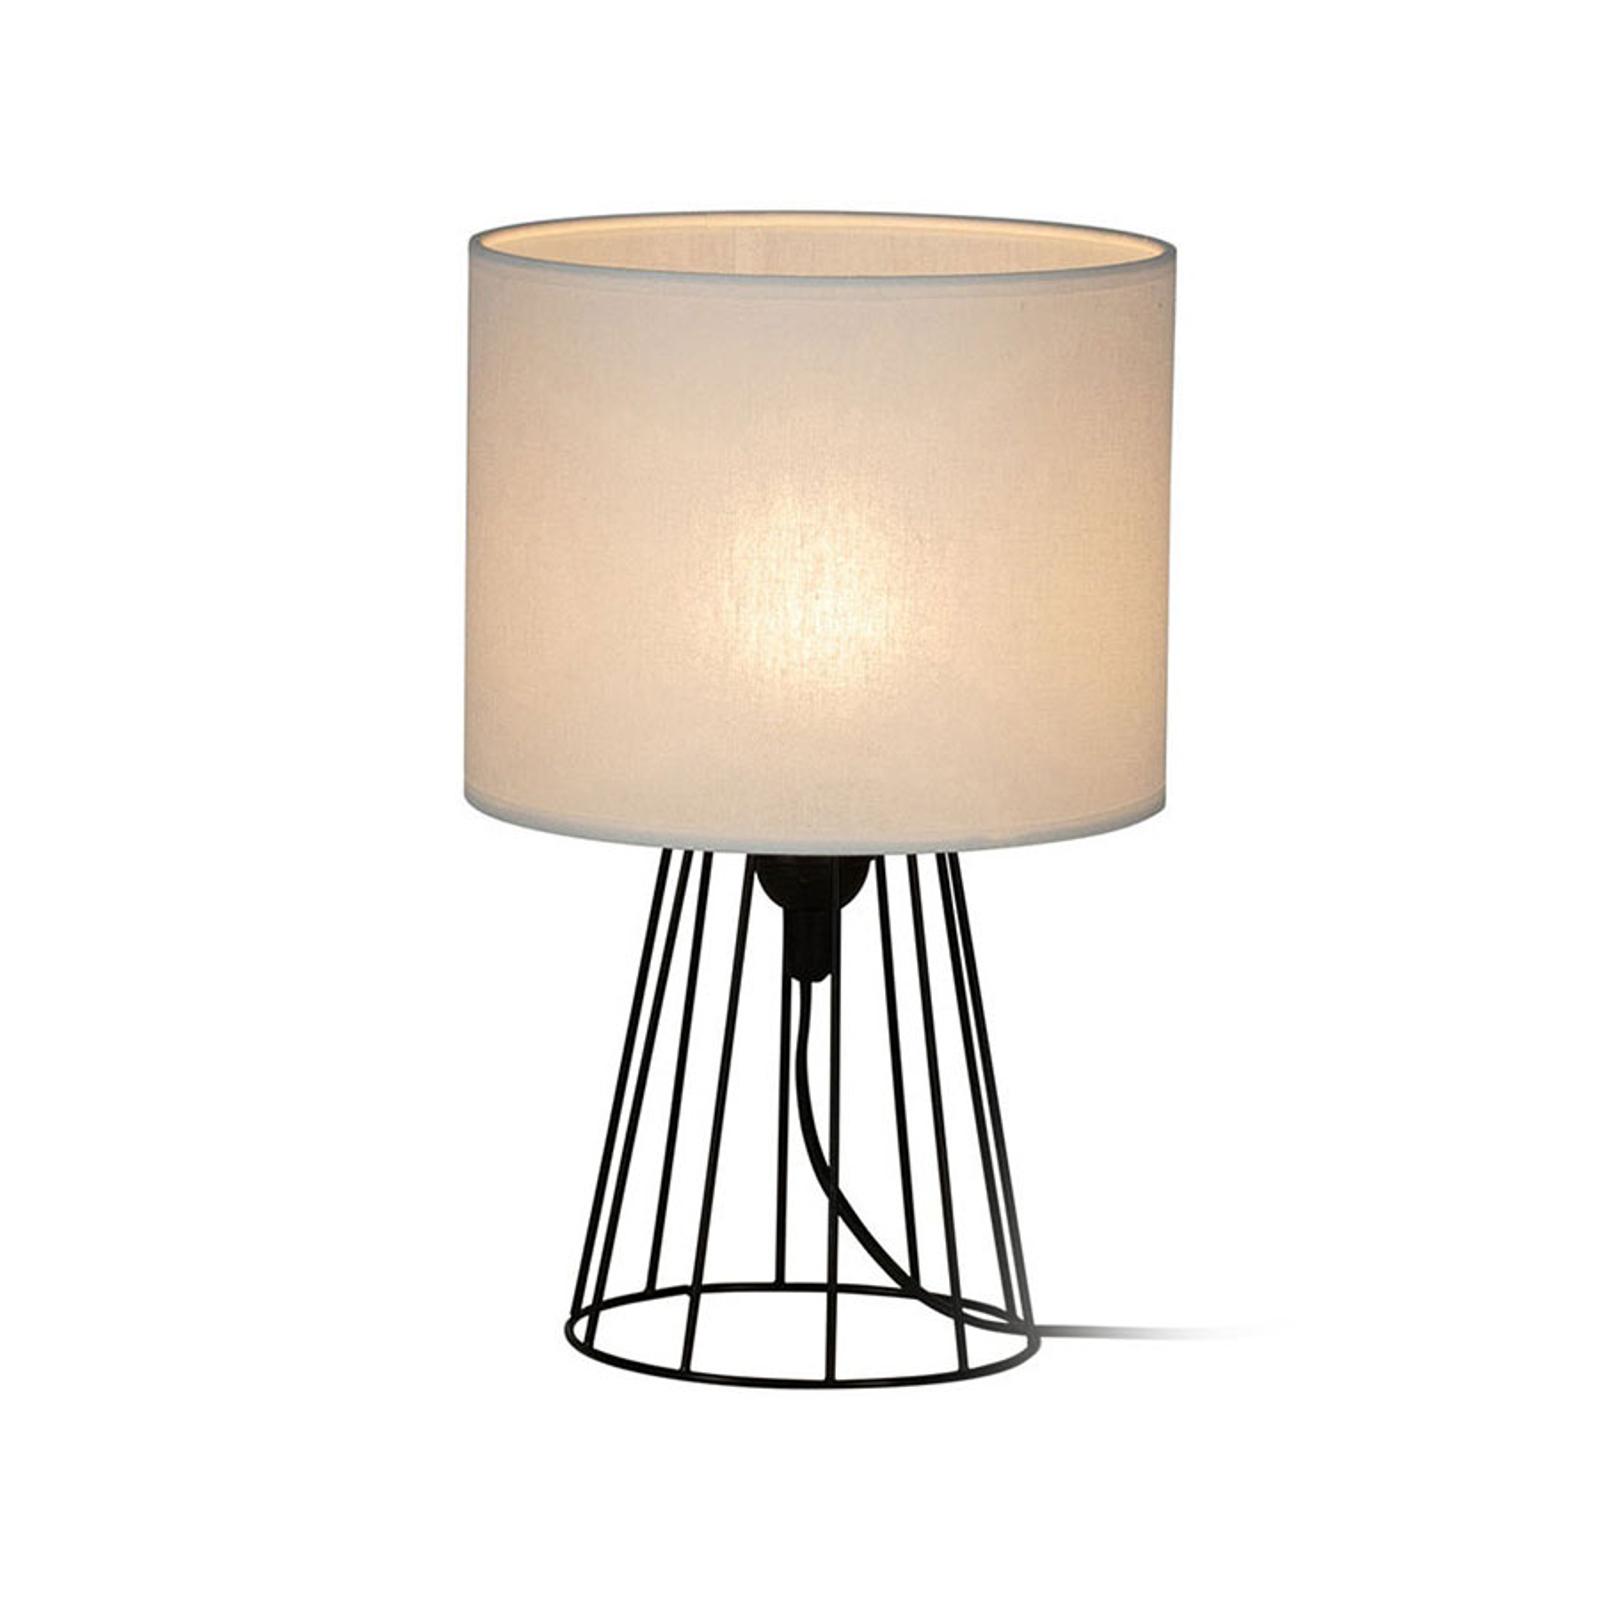 Lámpara de mesa Valene, pantalla textil alto 32 cm